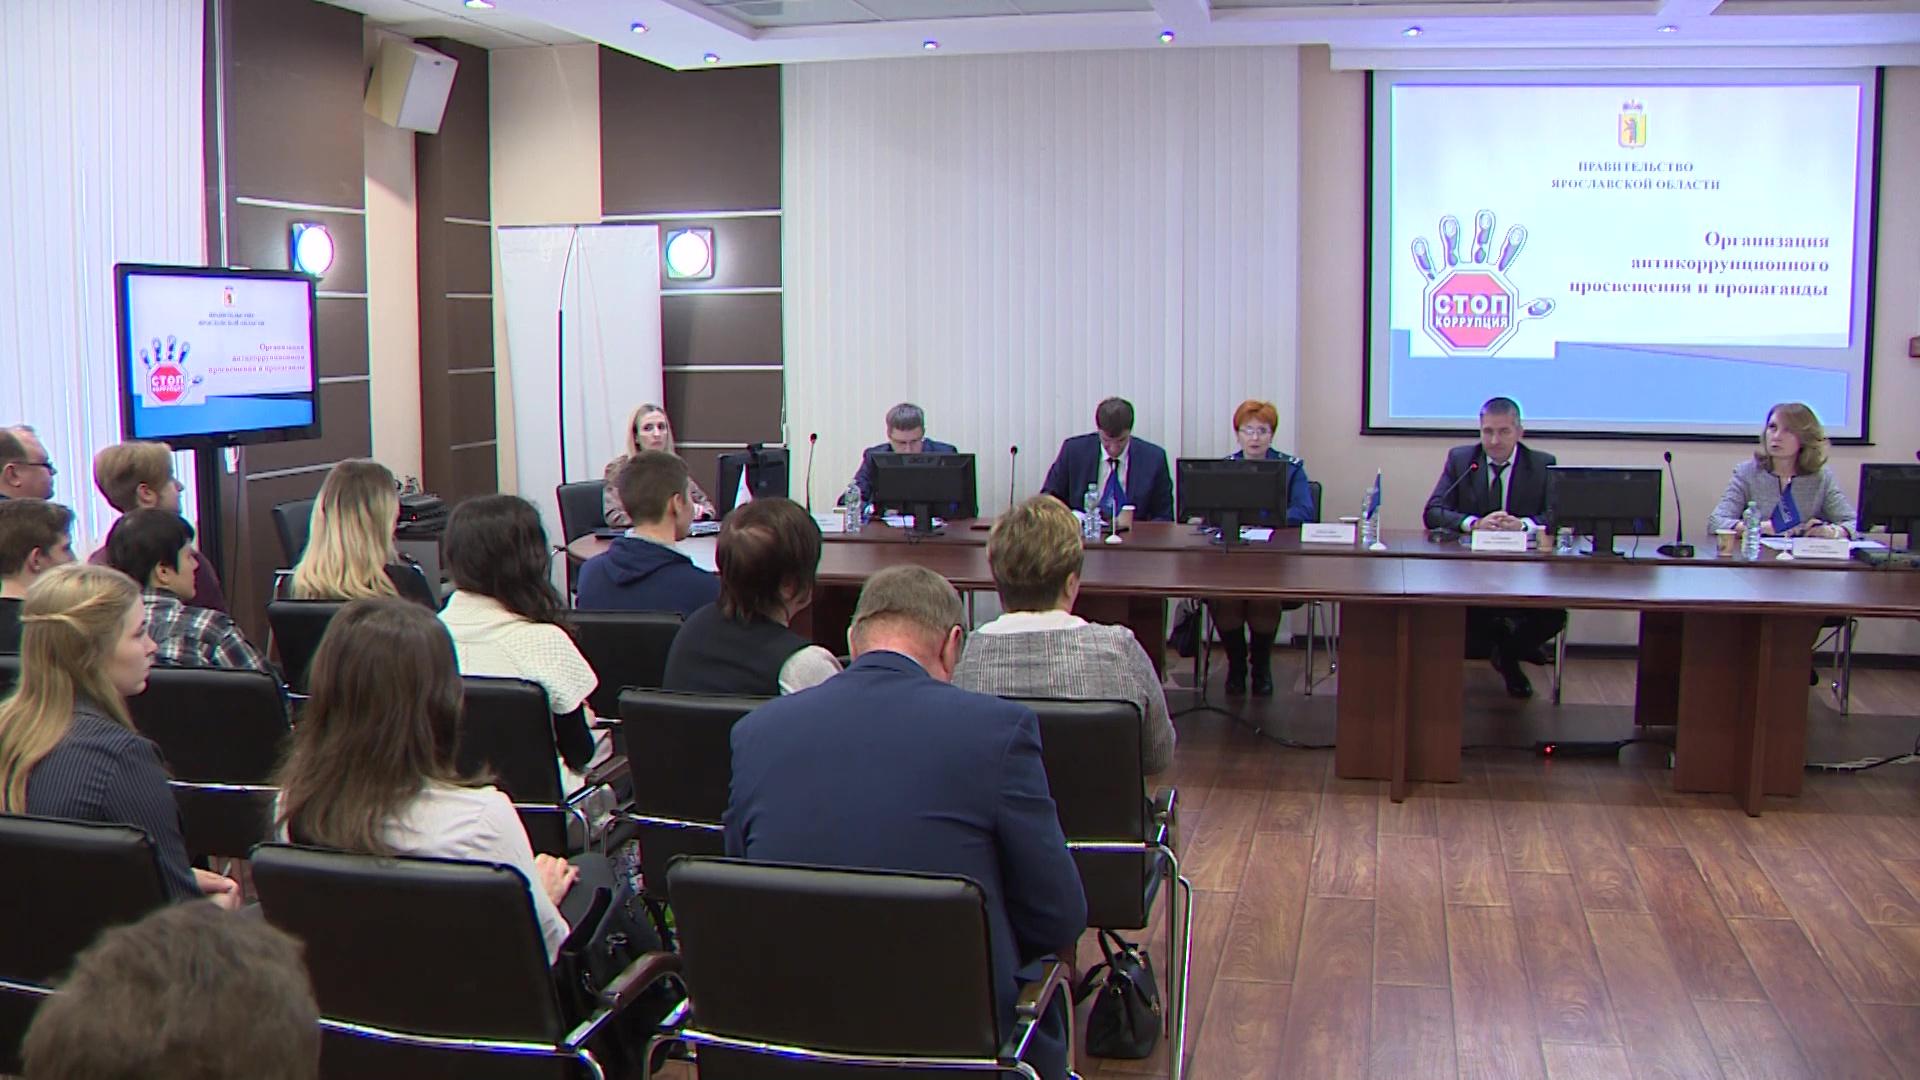 Ярославским студентам рассказали о борьбе с коррупцией